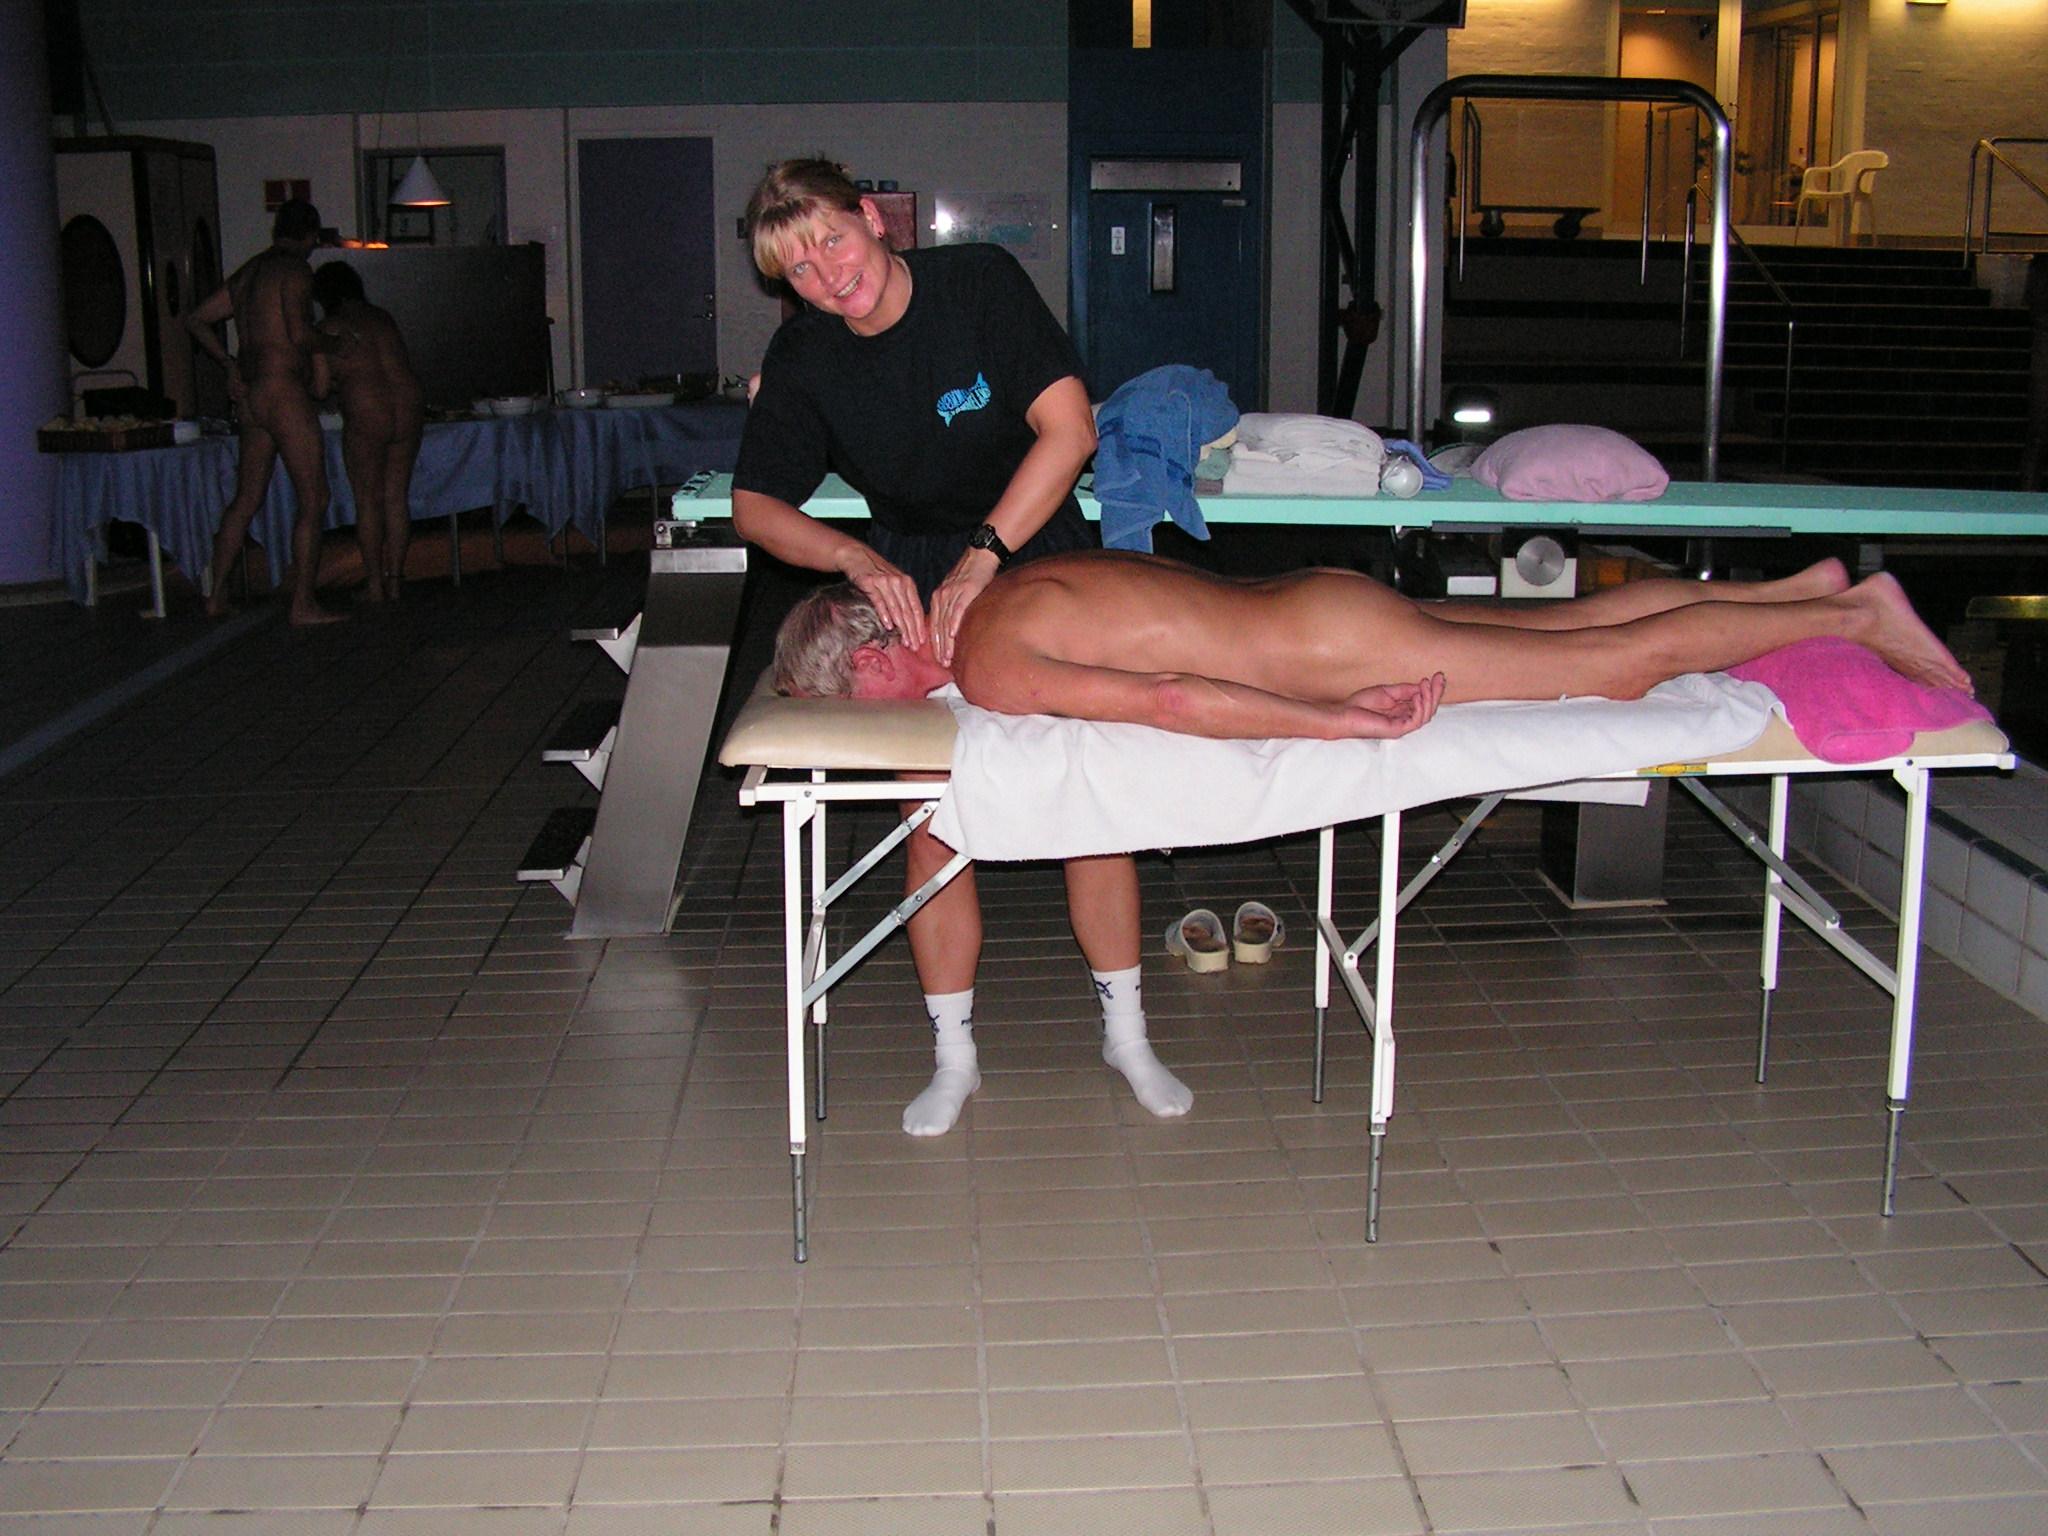 Dansk sex gratis Thailandsk massage København